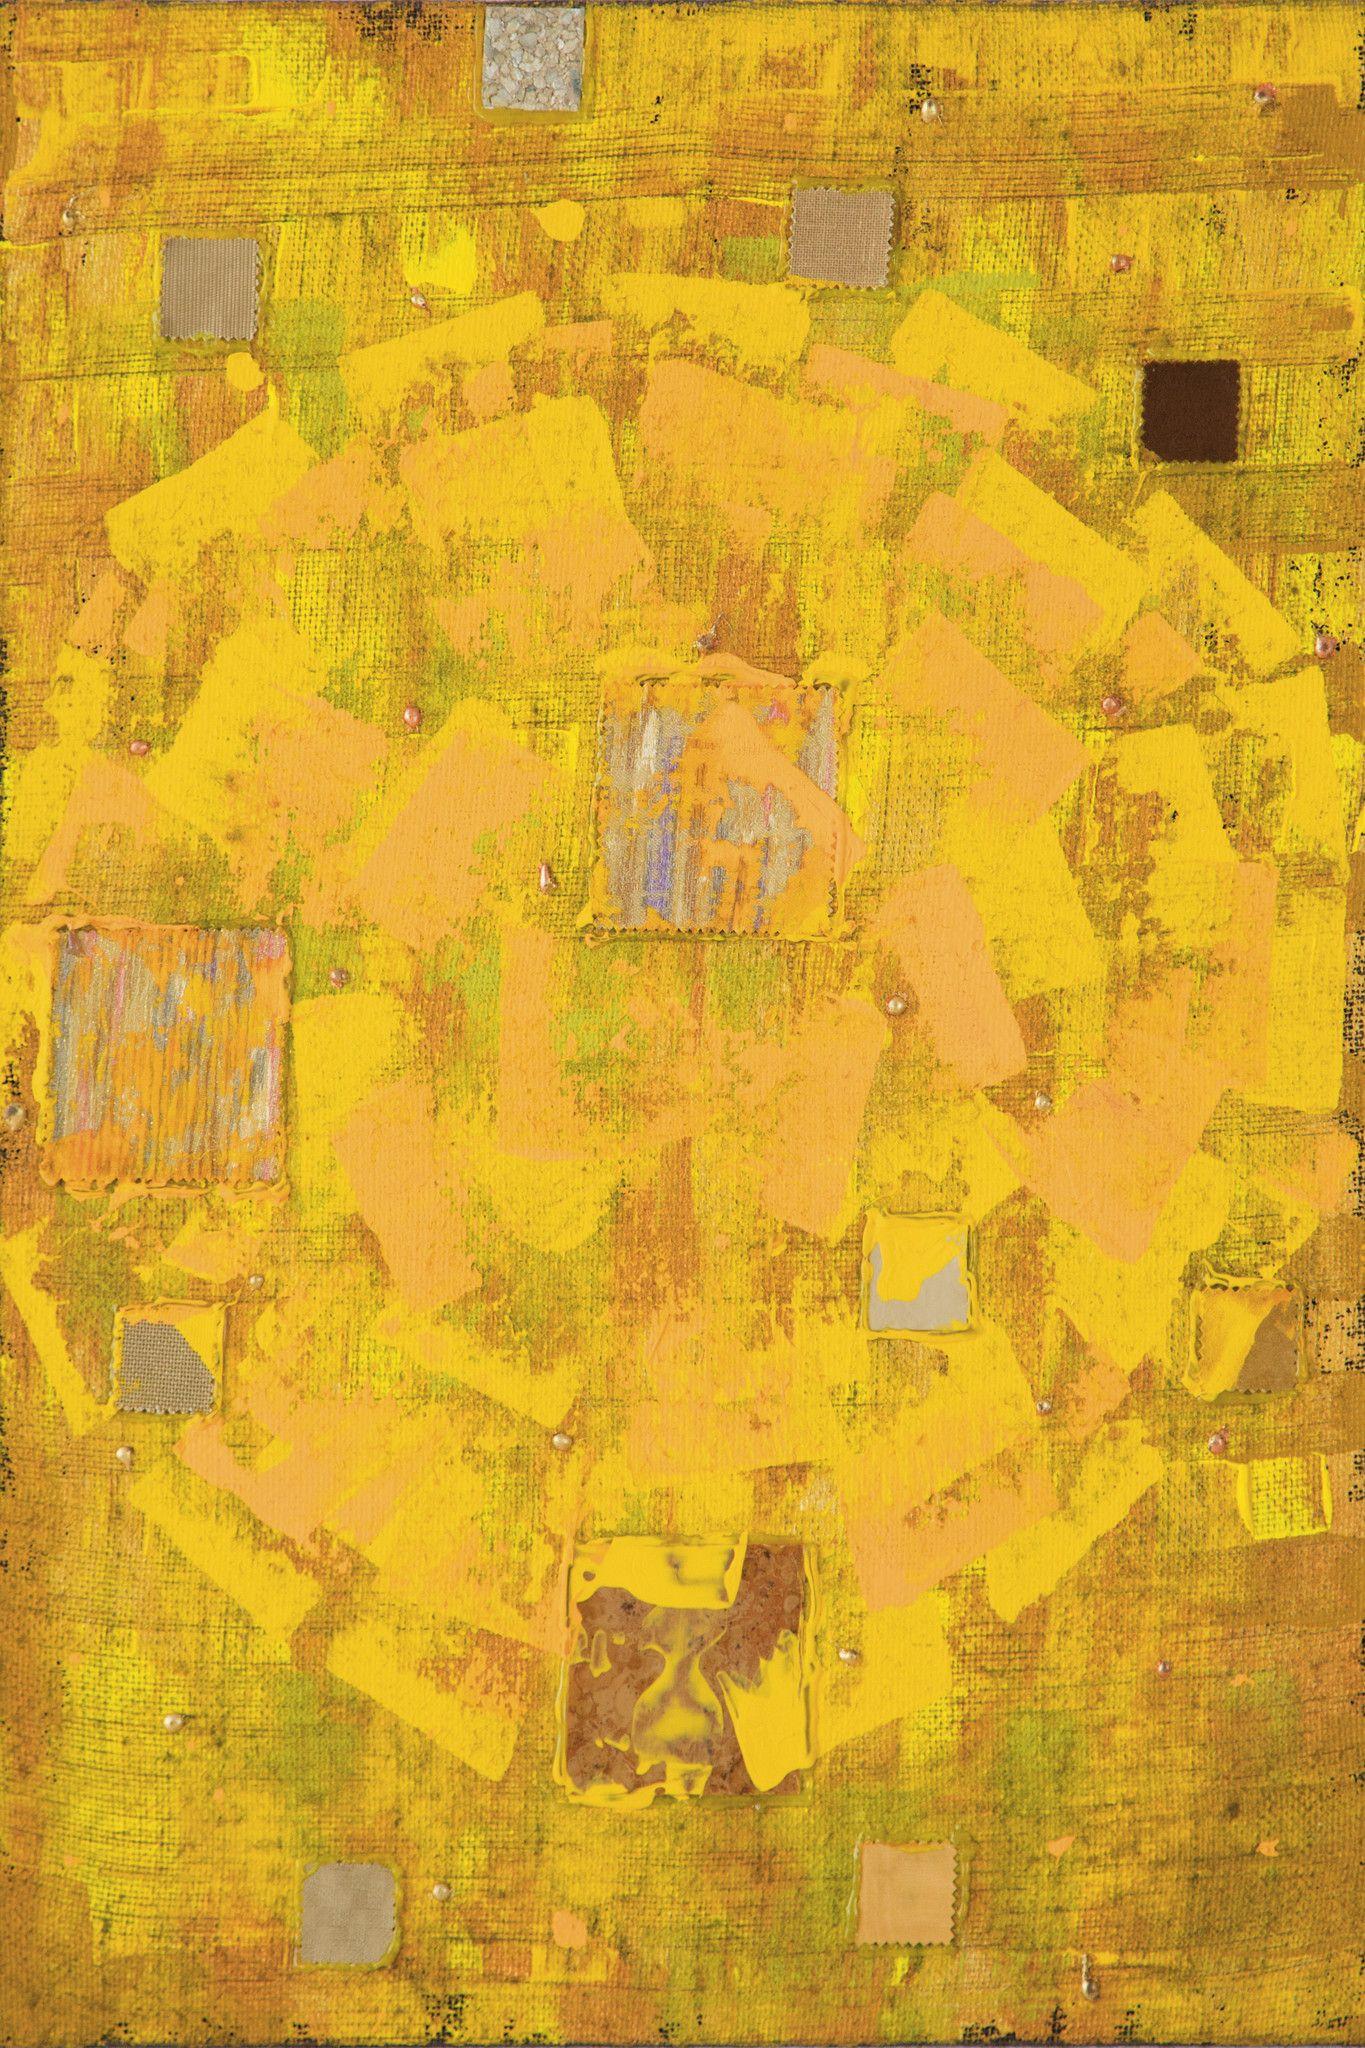 MIXED MEDIA FEOFEO ' LA MATERIA DI CUI SONO FATTE LE STELLE '  dimensioni L 40 x H 60 cm.